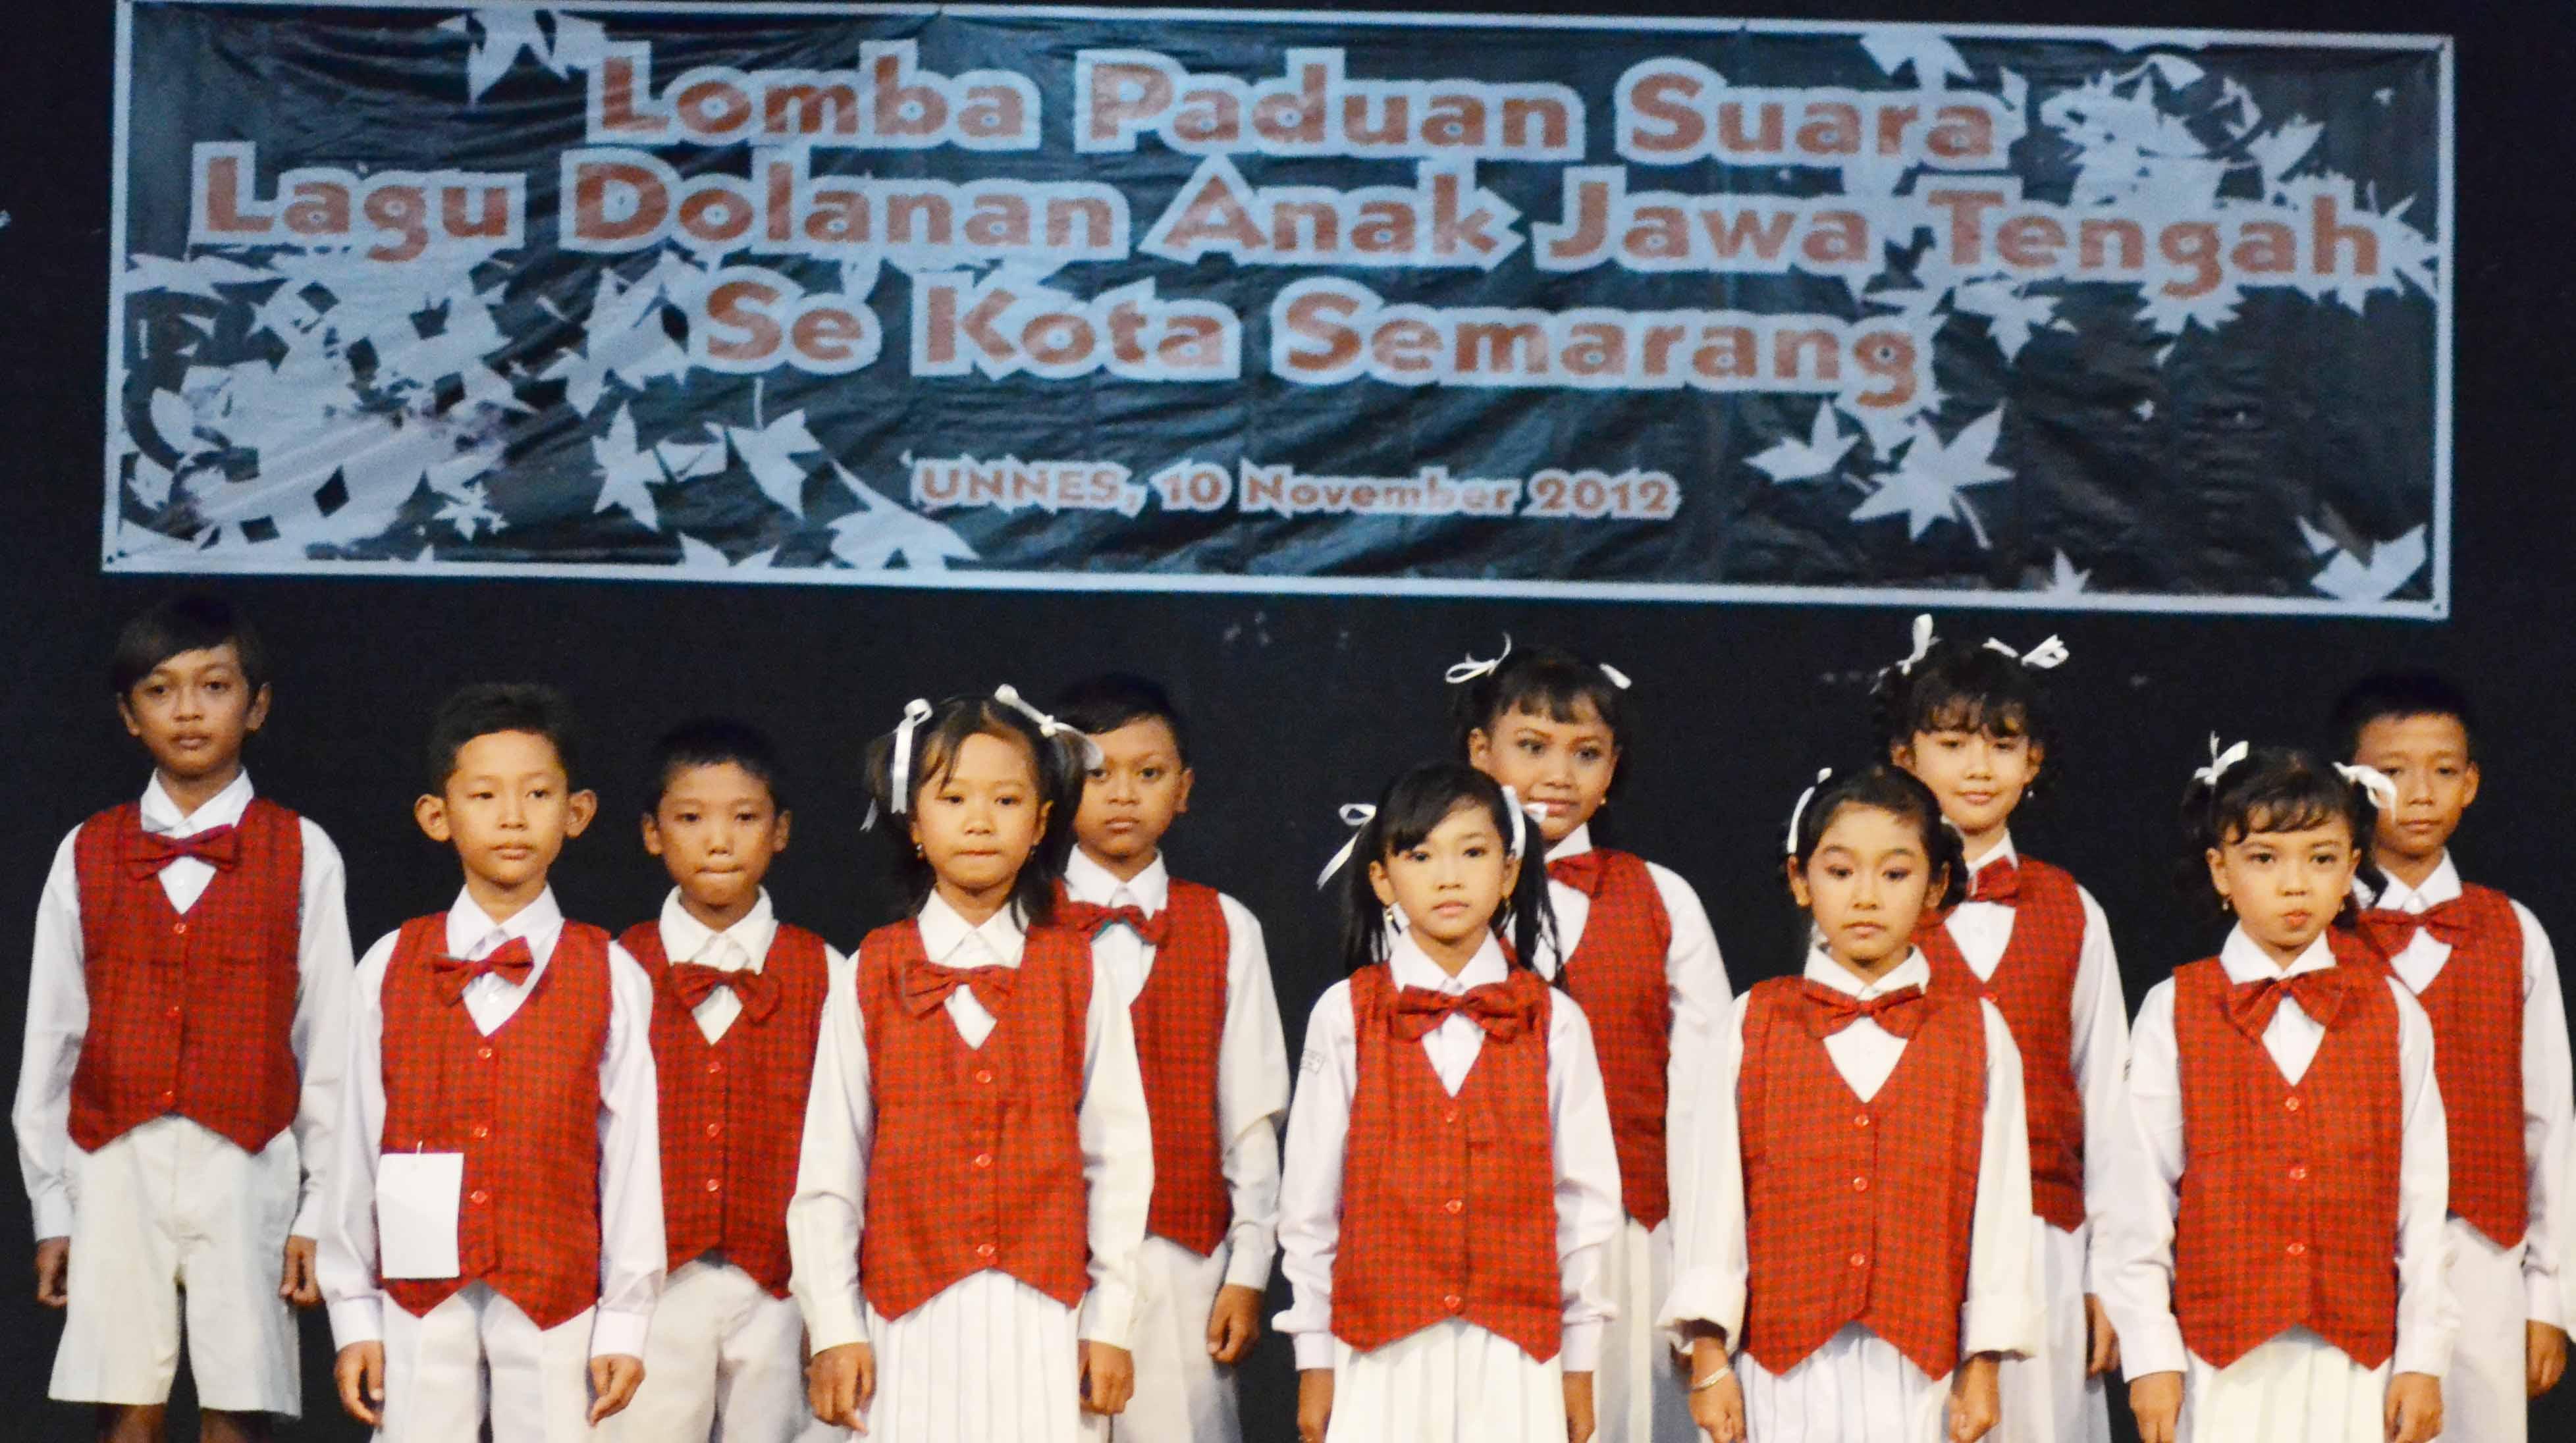 Lomba Paduan  Suara Lagu Dolanan Anak